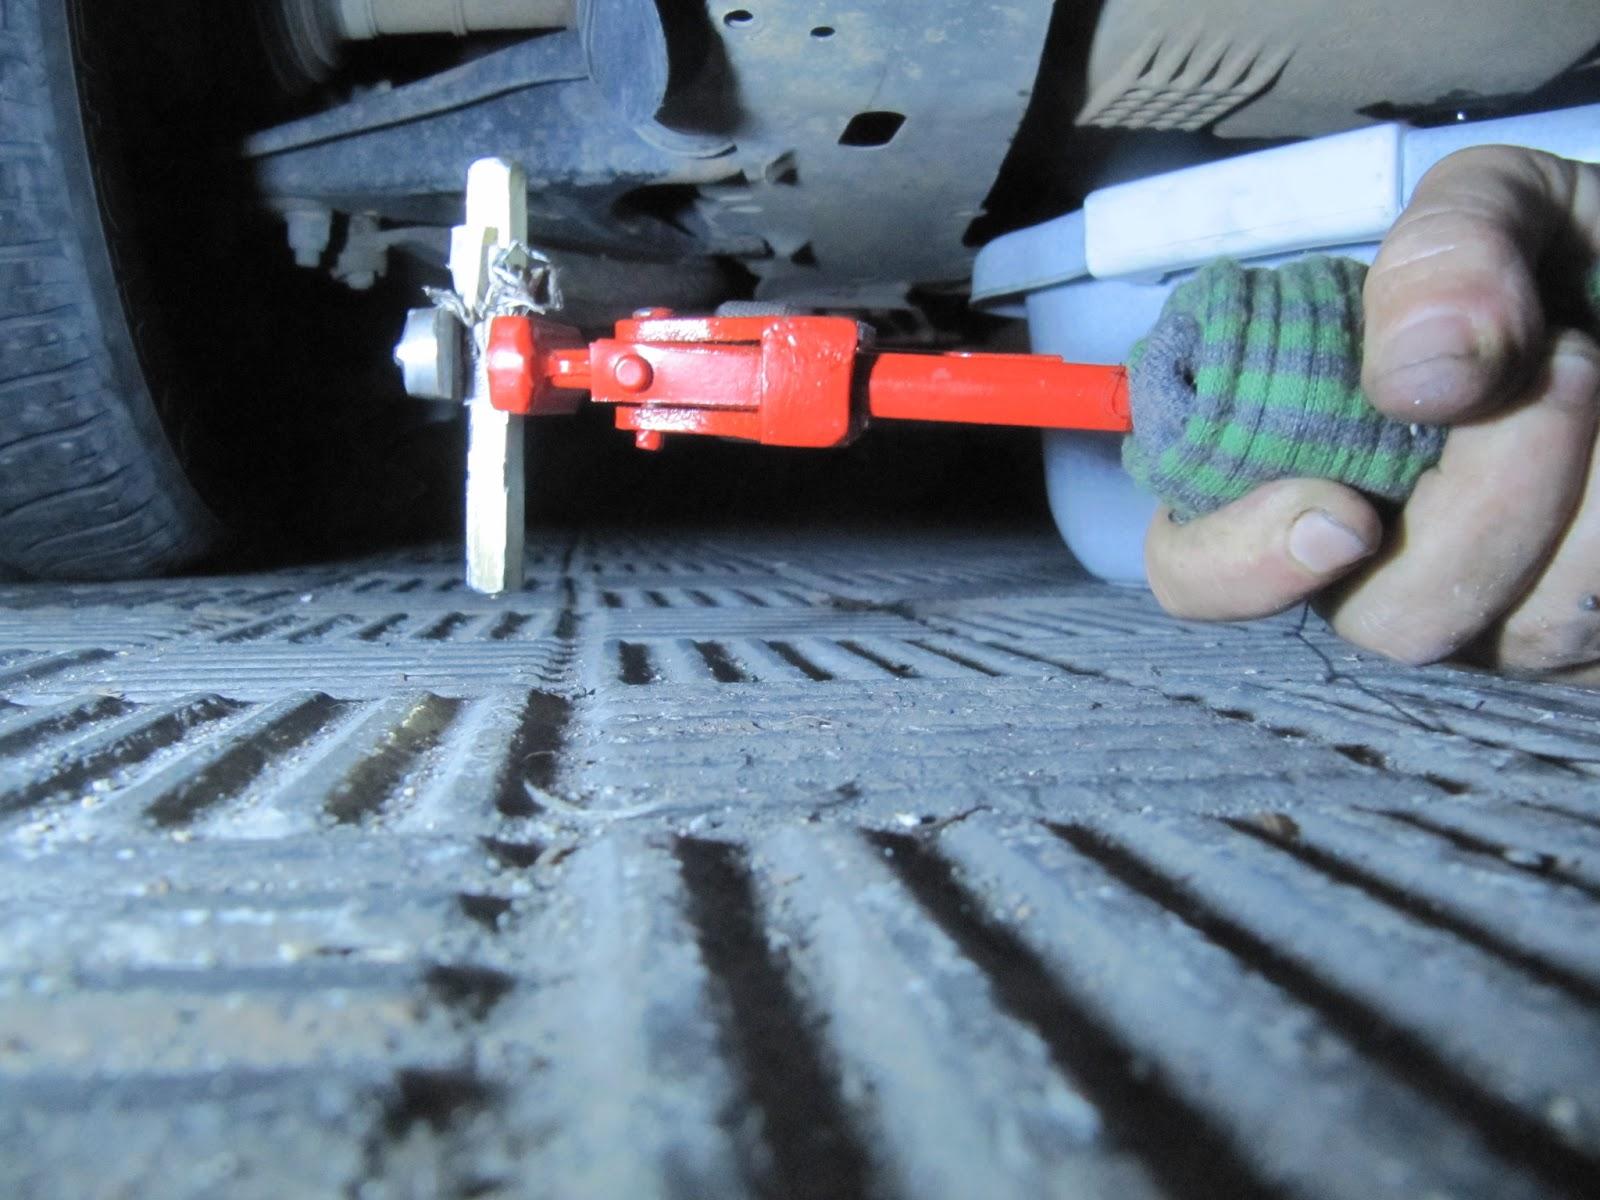 La masa cr tica c mo cambiar el aceite del renault clio - Como sacar aceite del piso ...